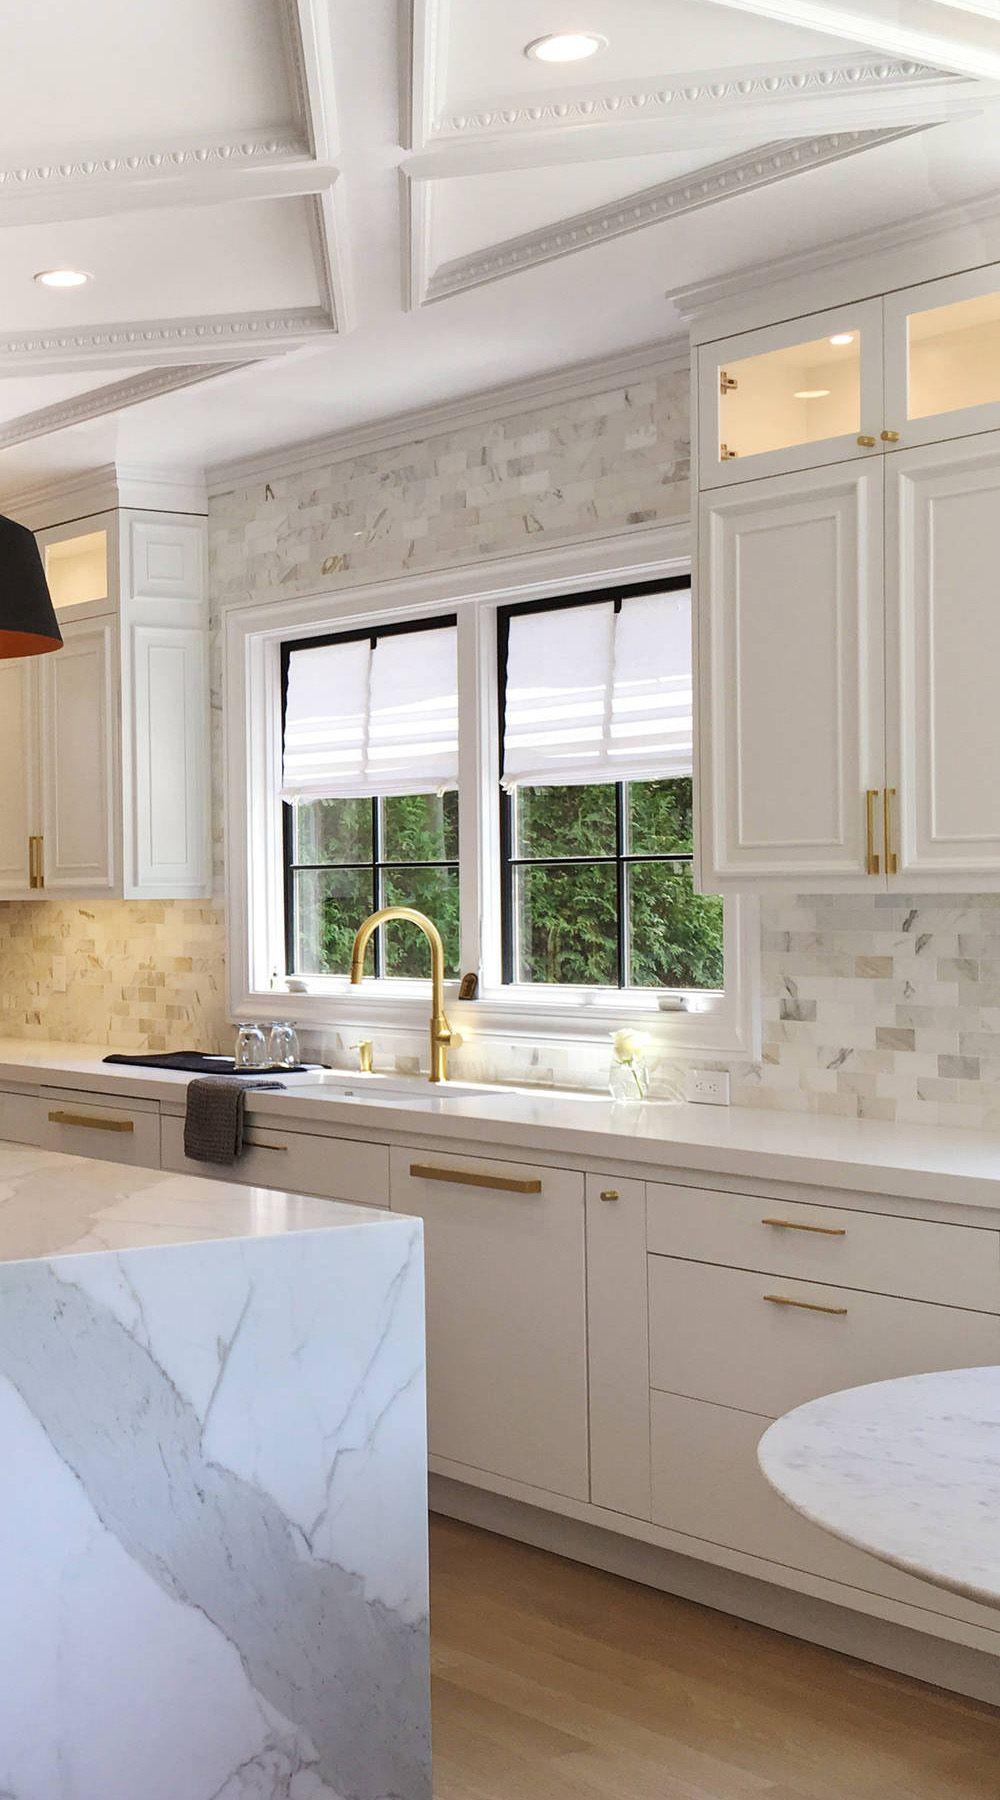 45+ White and gold kitchen backsplash ideas